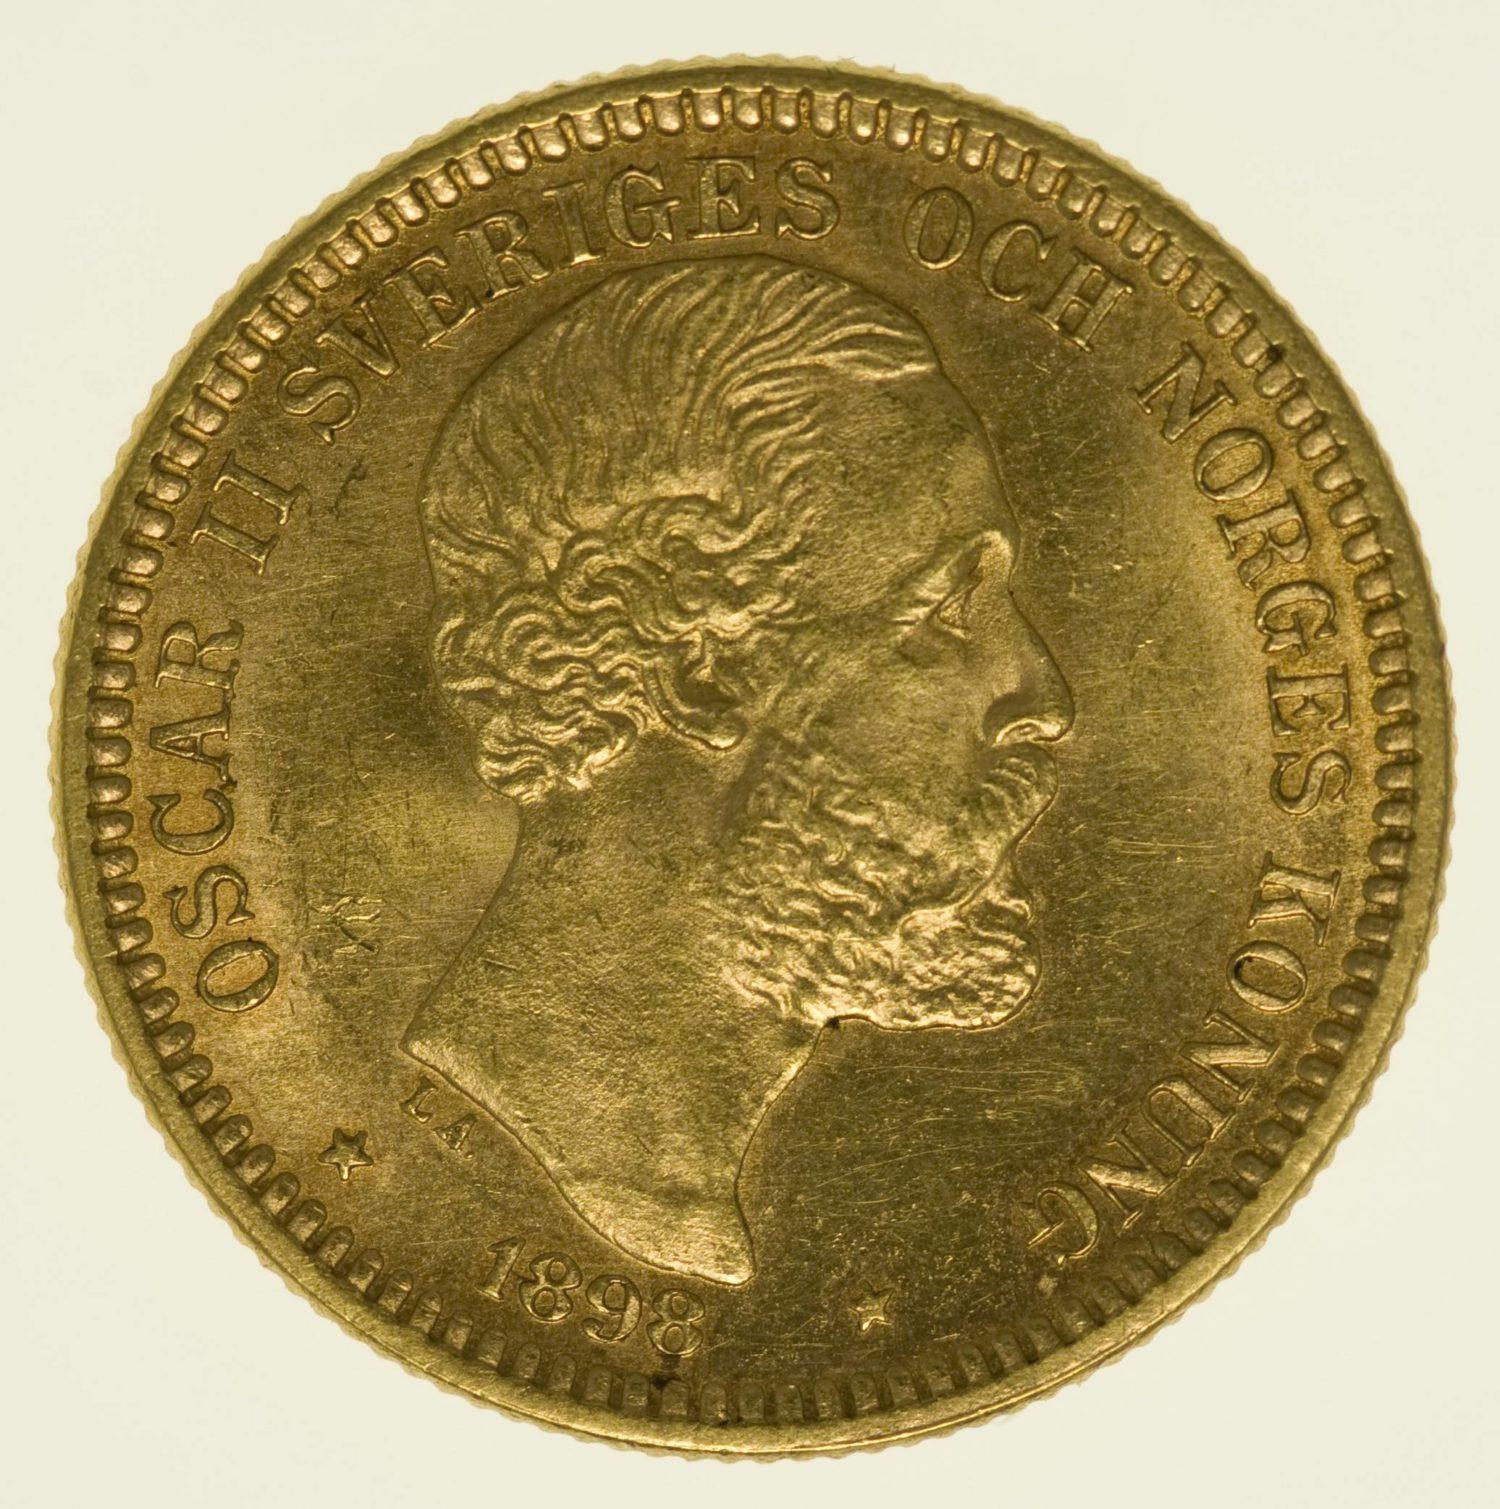 Schweden Oskar II. 20 Kronen 1898 Gold 8,06 Gramm fein RAR